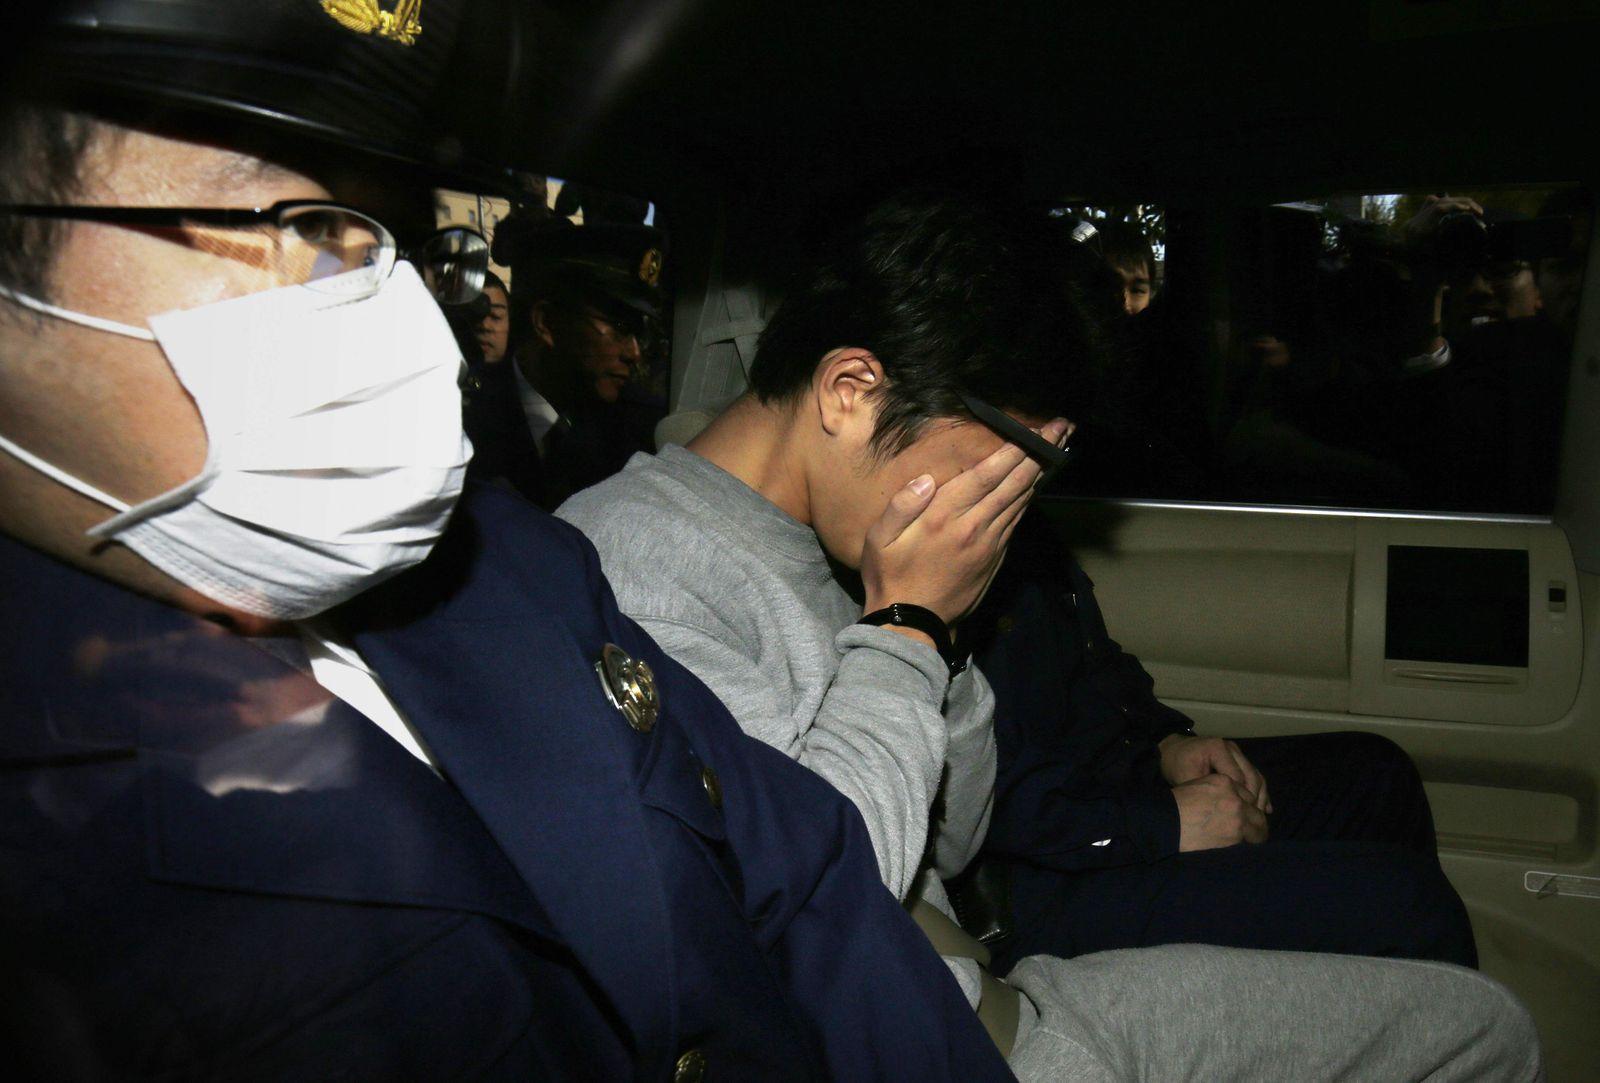 FILES-JAPAN-SOCIAL-SUICIDE-CRIME